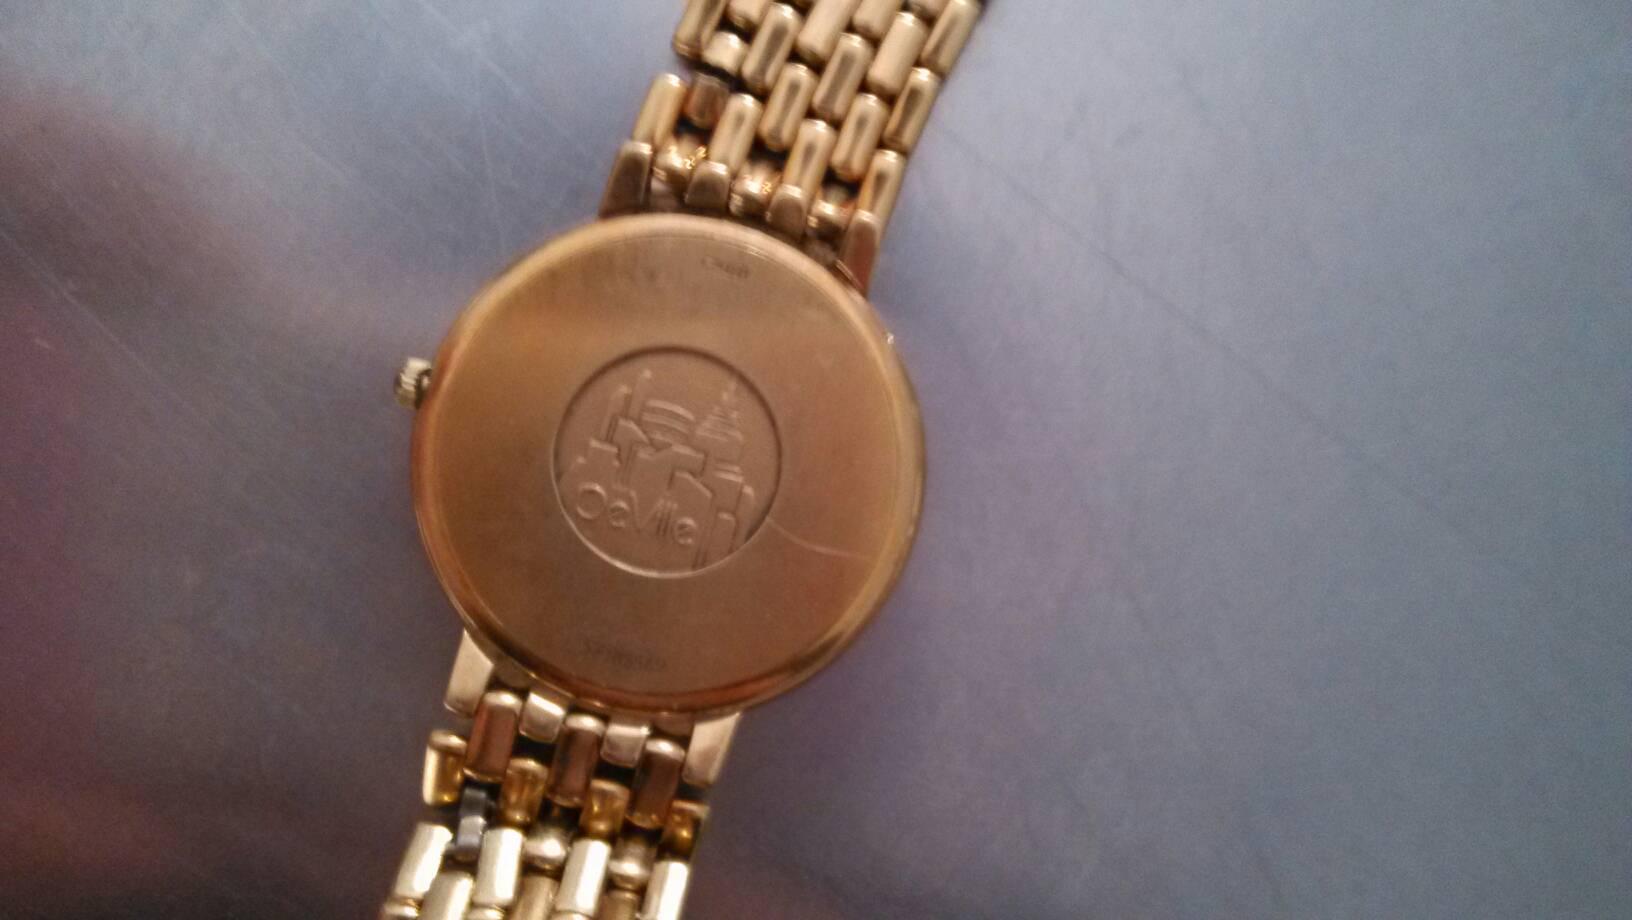 求鉴别欧米茄手表真伪 价格 越详细越好图片